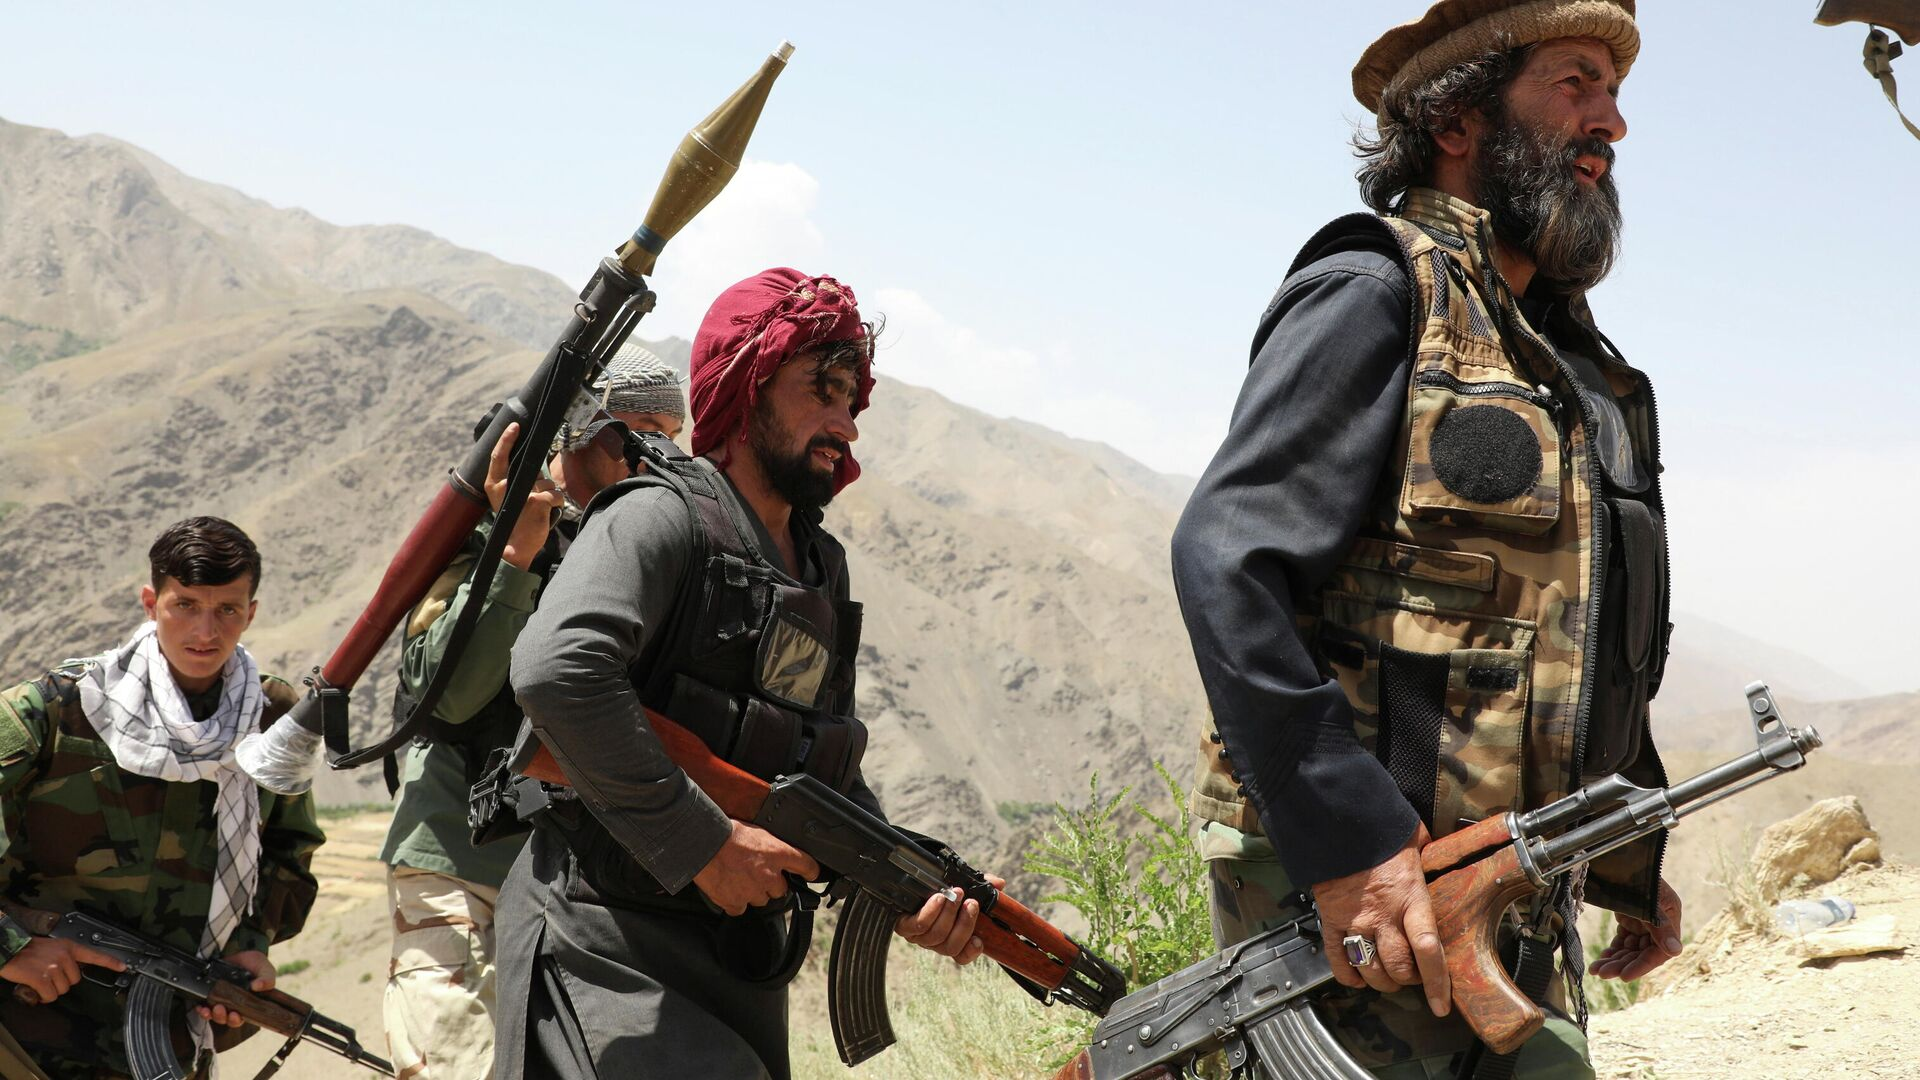 Вооруженные люди, выступающие против восстания талибов - Sputnik Таджикистан, 1920, 31.07.2021